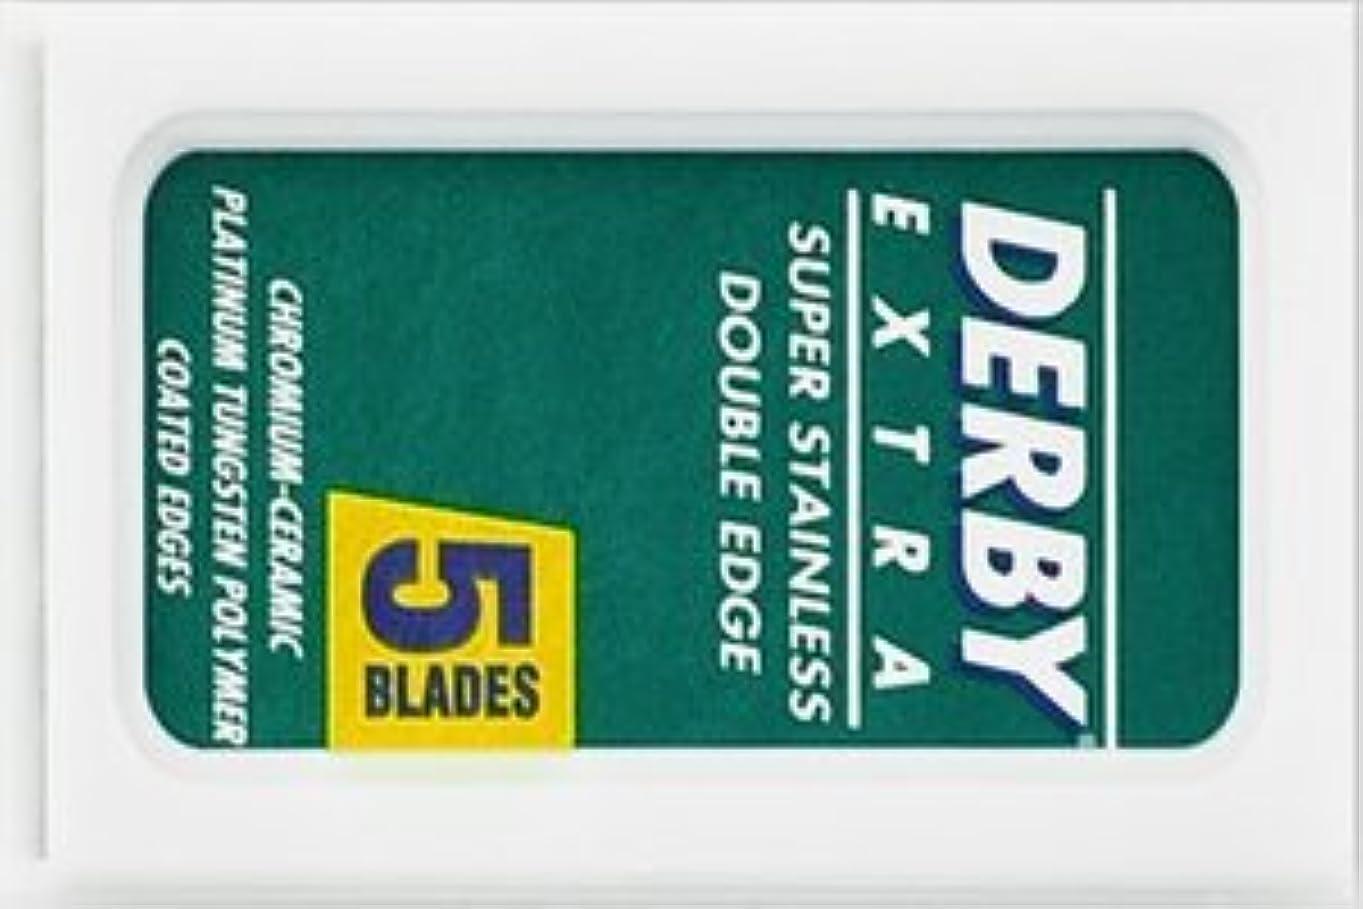 エステートライトニングエゴイズムDerby Extra 両刃替刃 5枚入り(5枚入り1 個セット)【並行輸入品】